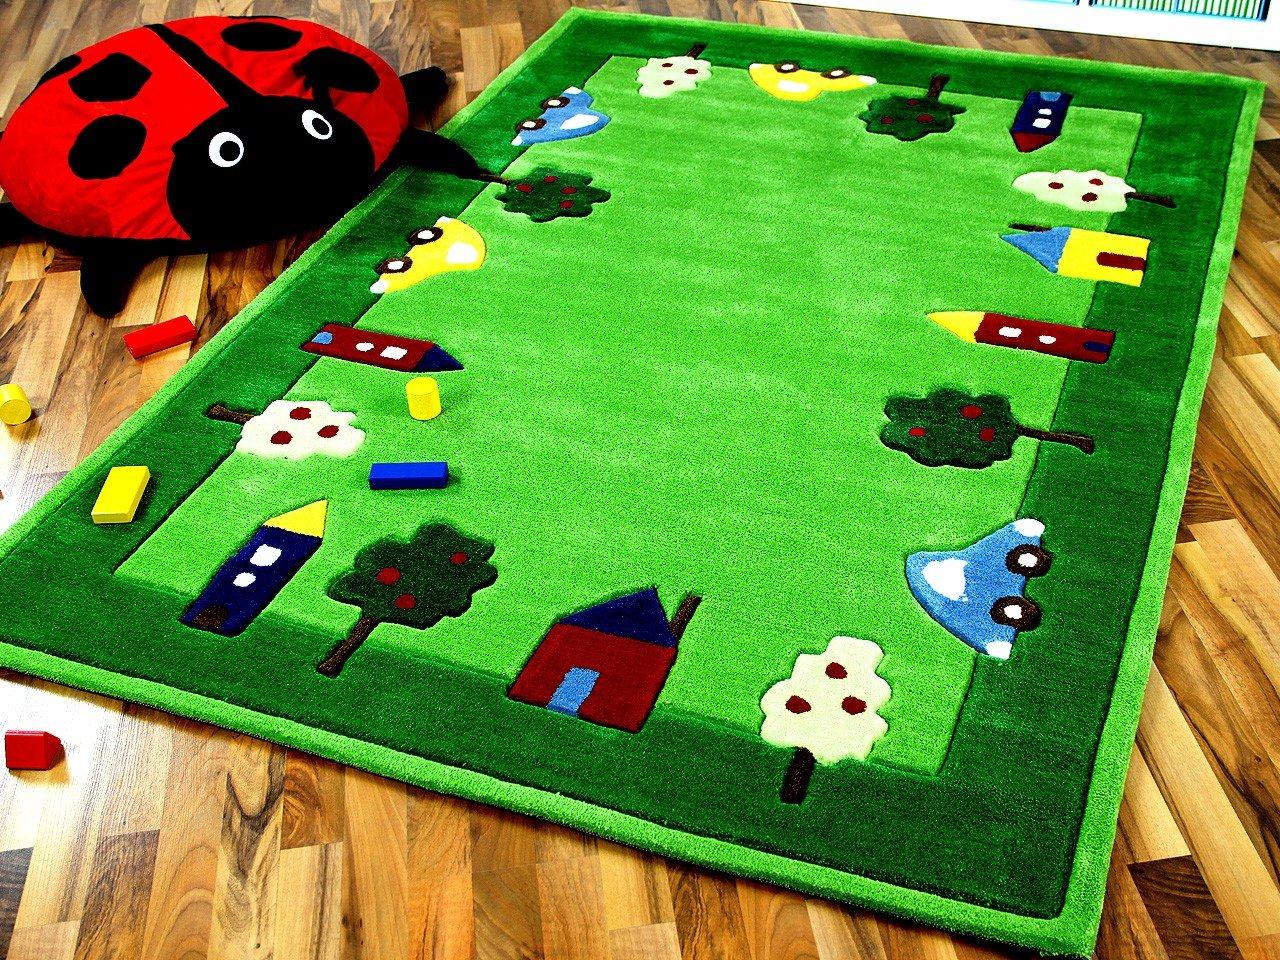 Lifestyle Kinderteppich Spielwelt Grün in 3 Größen !!! Sofort Lieferbar !!!